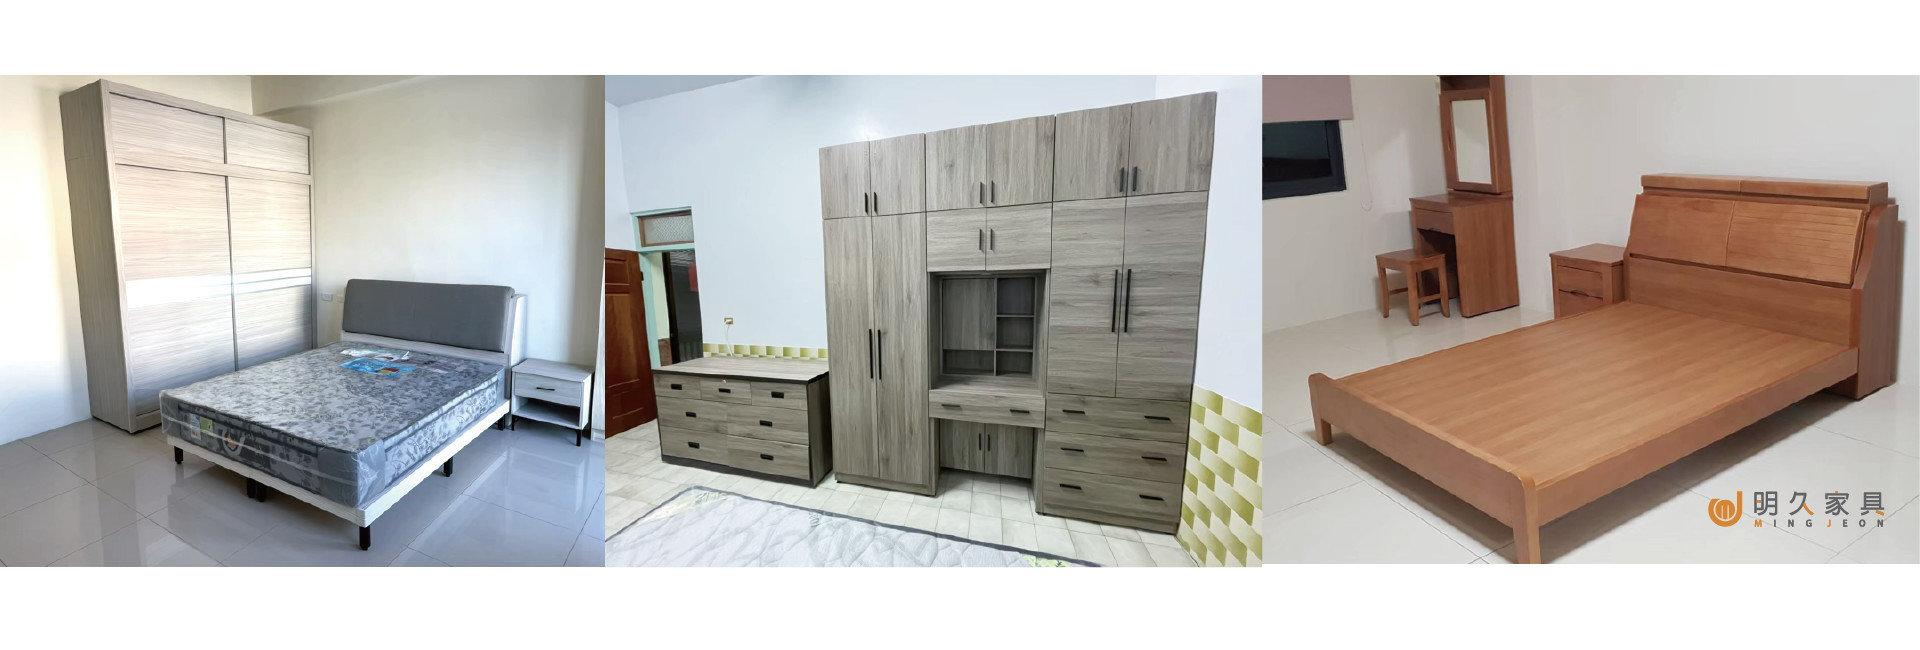 櫃體類:衣櫃、斗櫃、床頭櫃、鏡台、收納櫃等